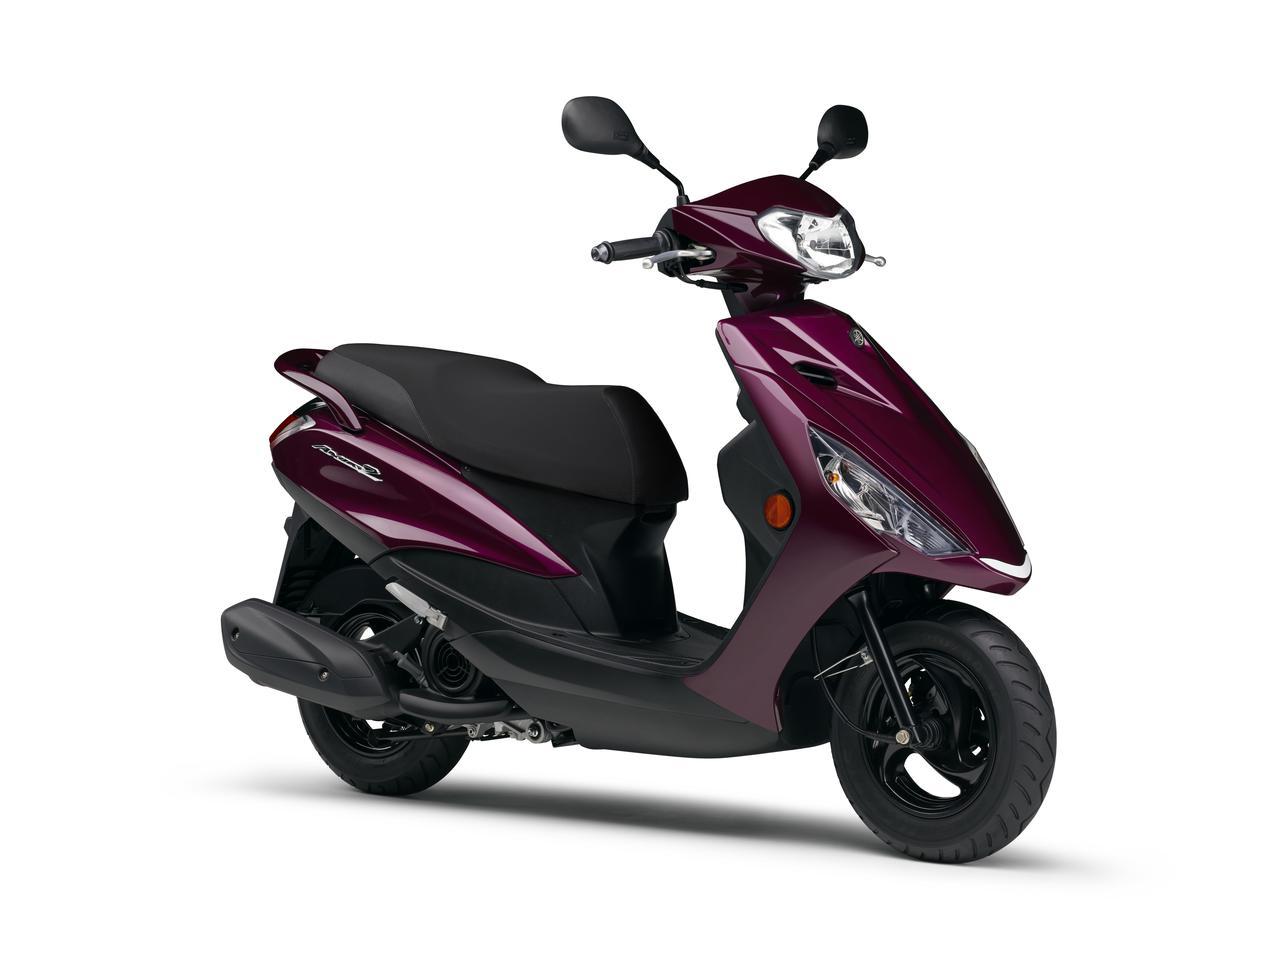 画像24: ヤマハが125ccスクーター「アクシスZ」の2021年モデルを発表! カラーは全5色設定で2月5日に発売